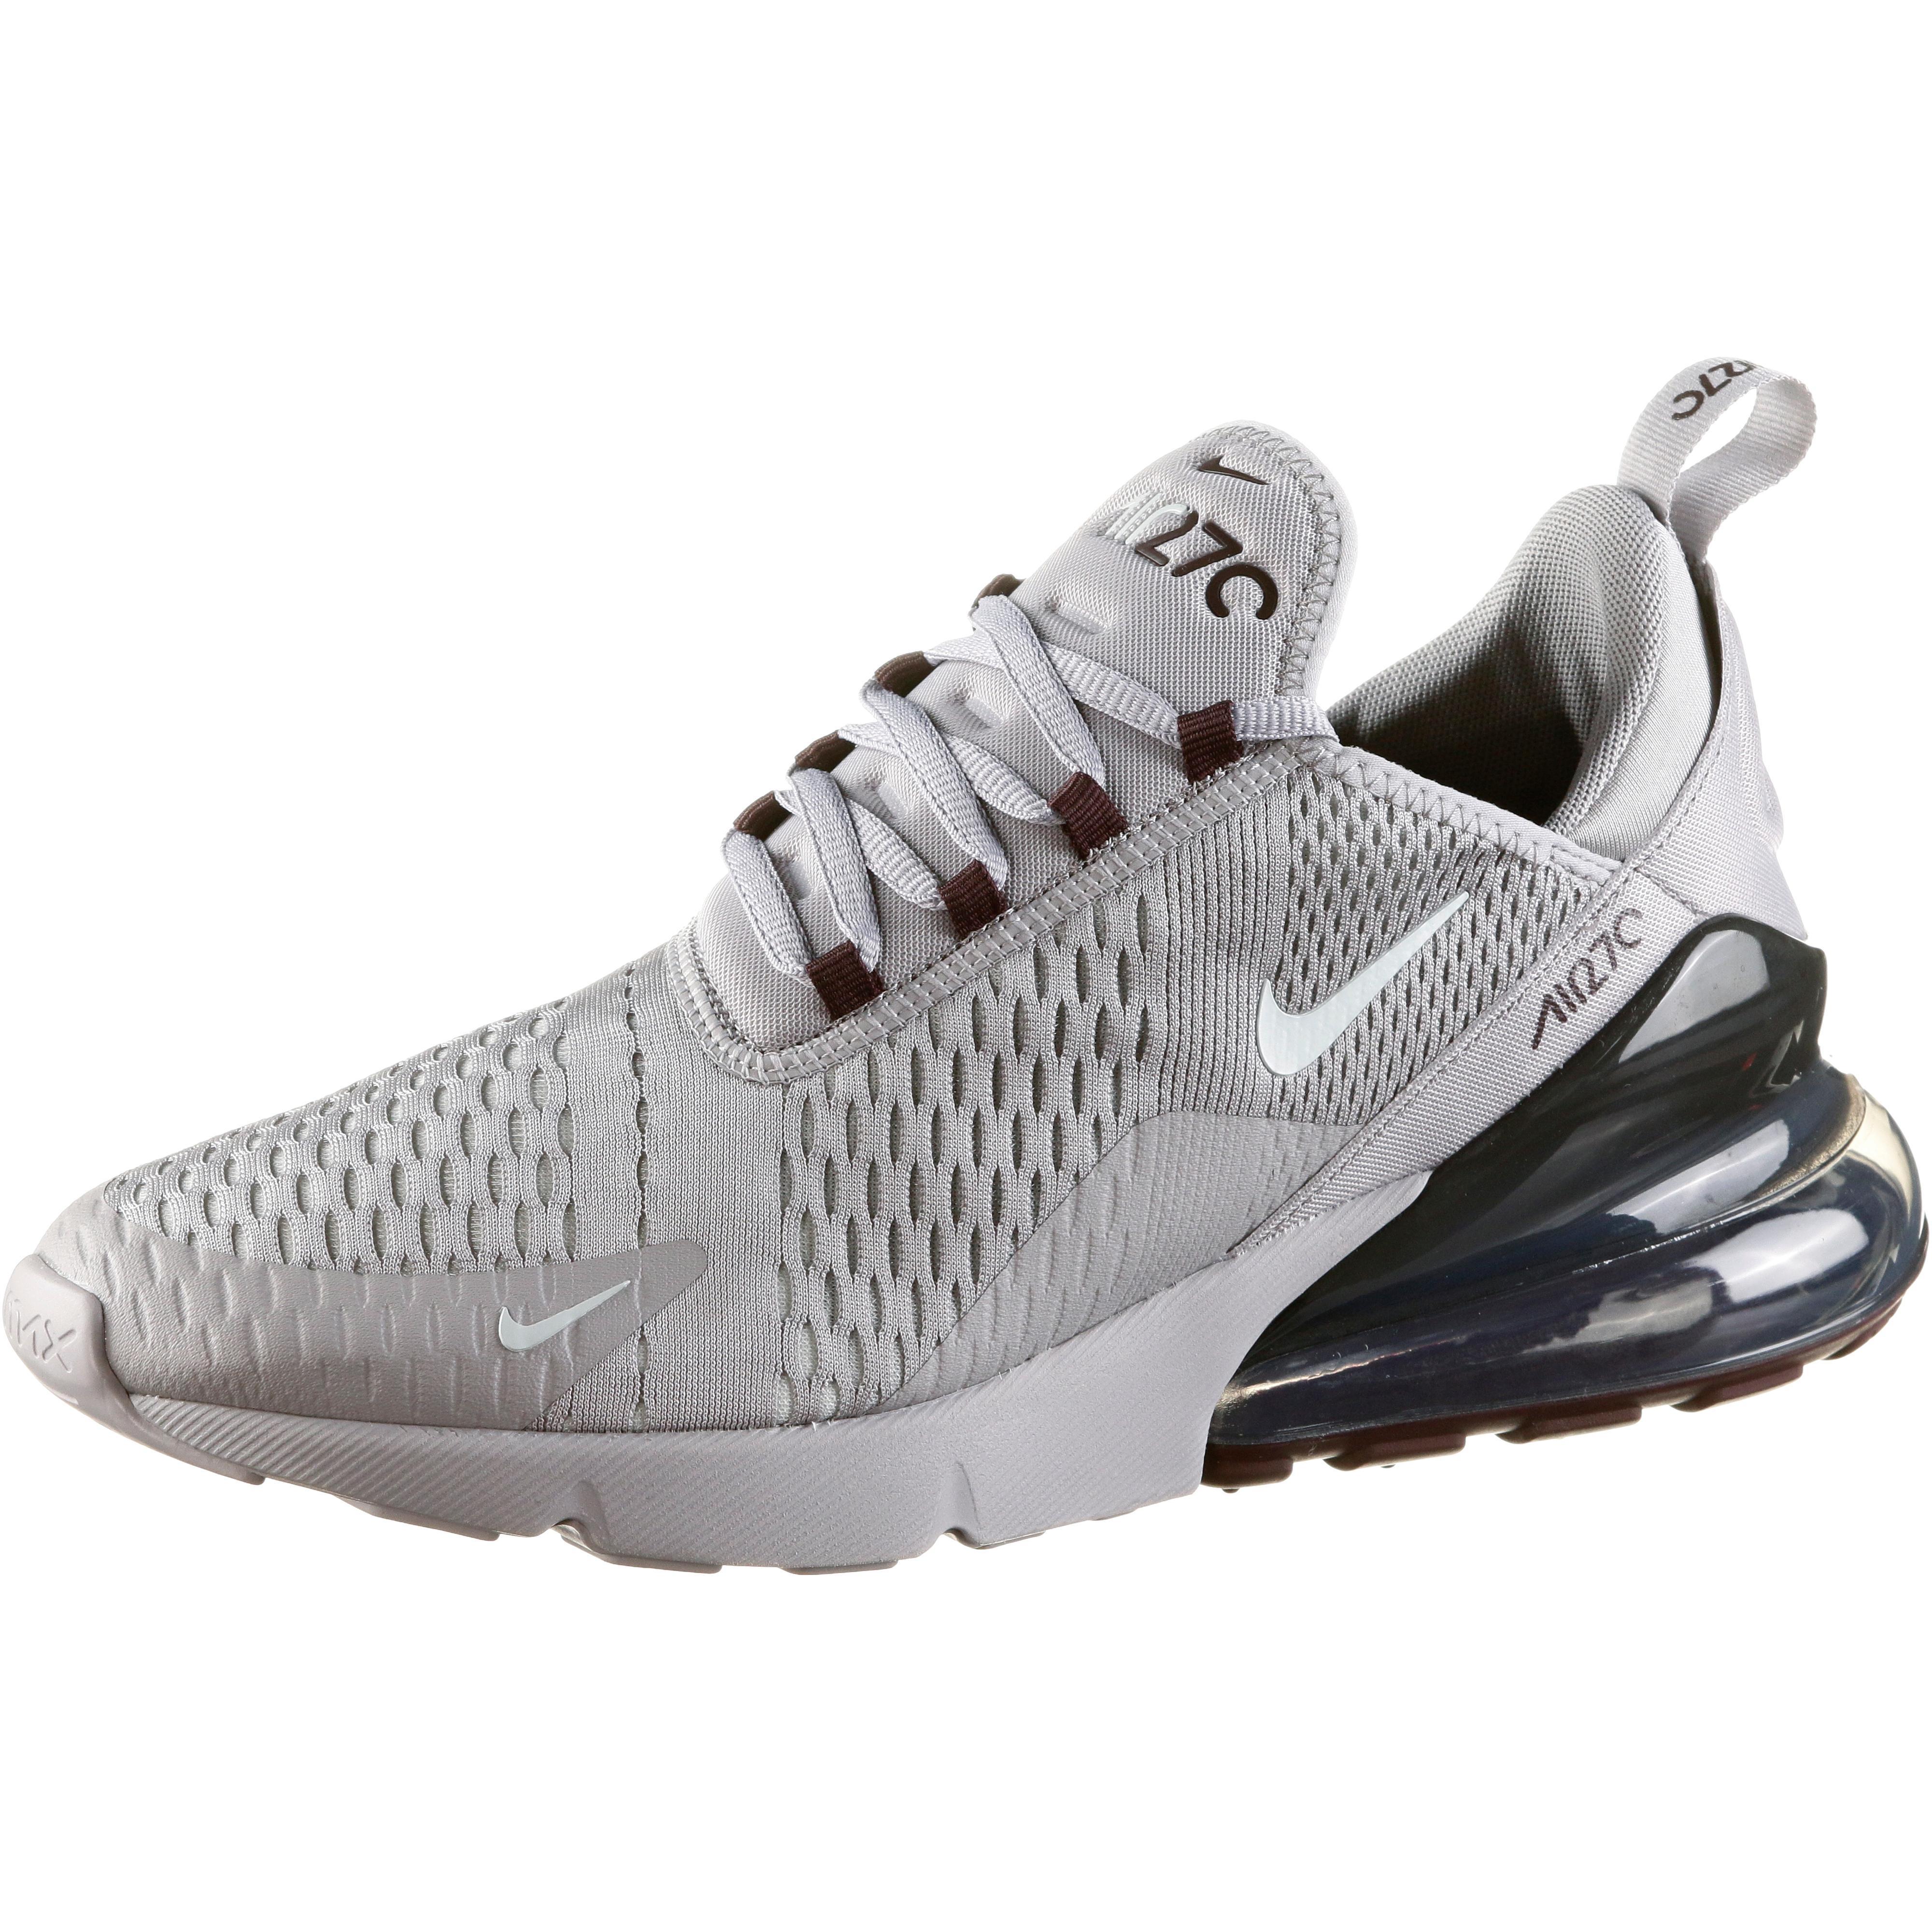 Online Nike Air silver atmosphere im Sneaker 270 Shop light Herren von SportScheck Max burgundy kaufen grey dBoxeC